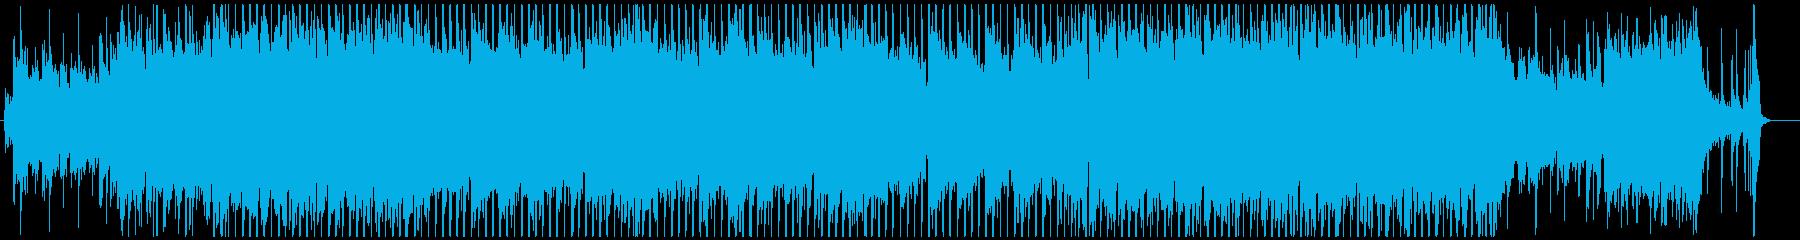 夏の海に合う元気なポップスの再生済みの波形